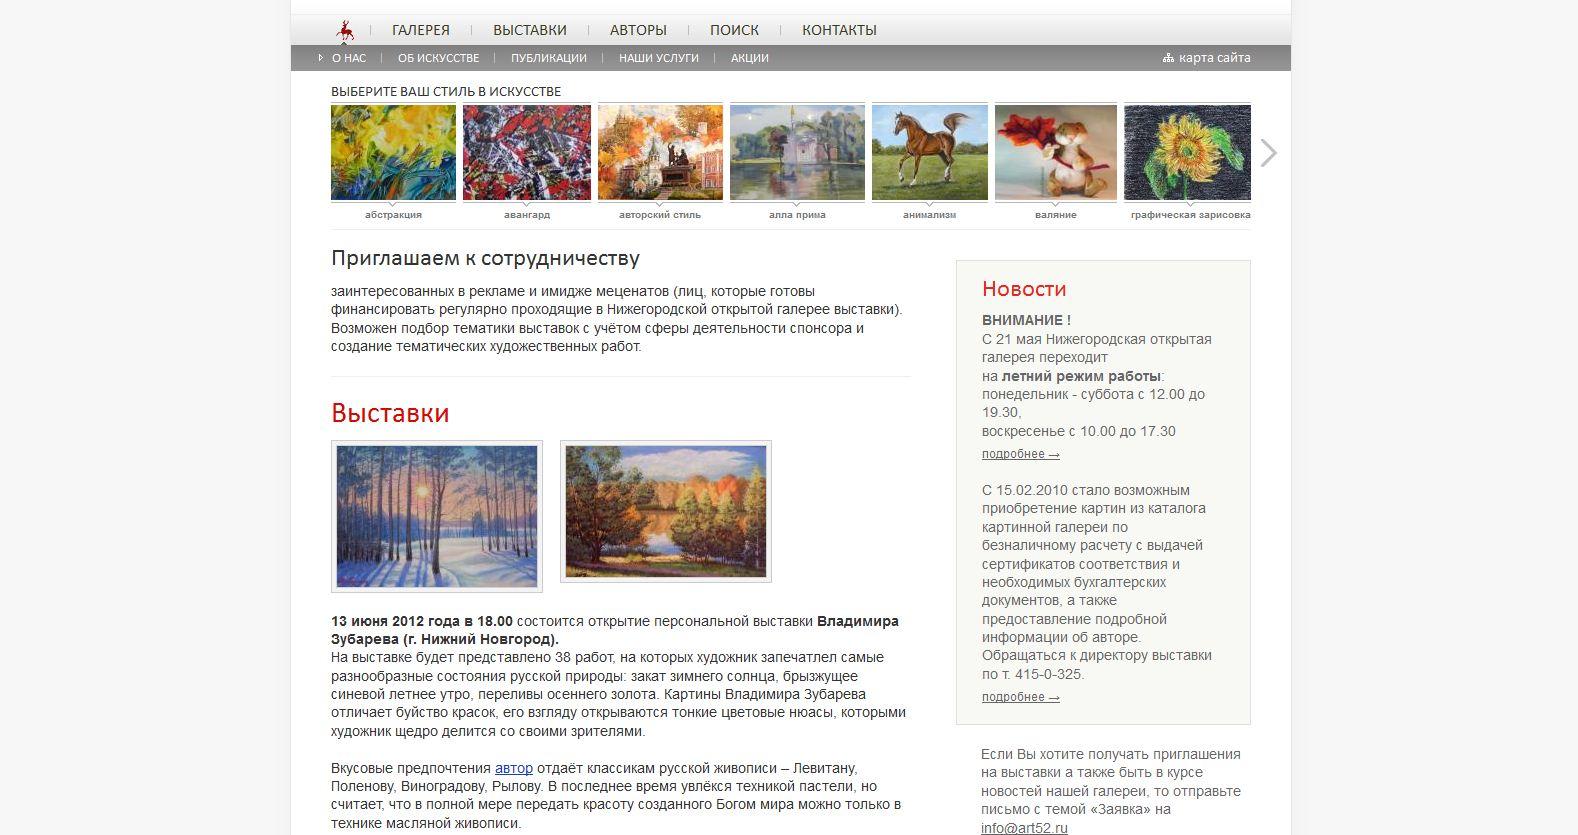 art52.ru